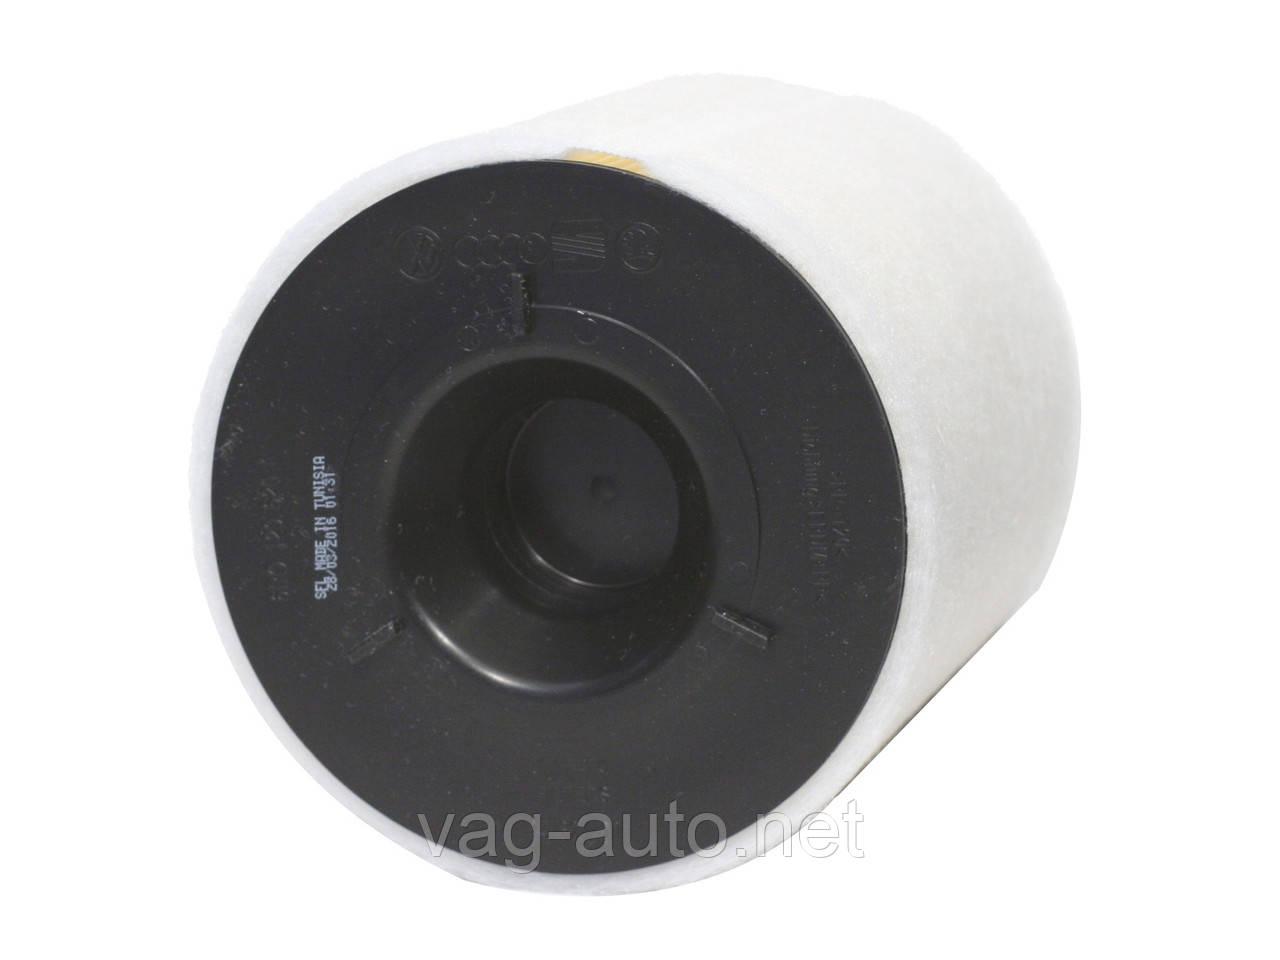 Фильтр воздушный Skoda Rapid 1.6TDI, 1.2TSI, 1.4TSI